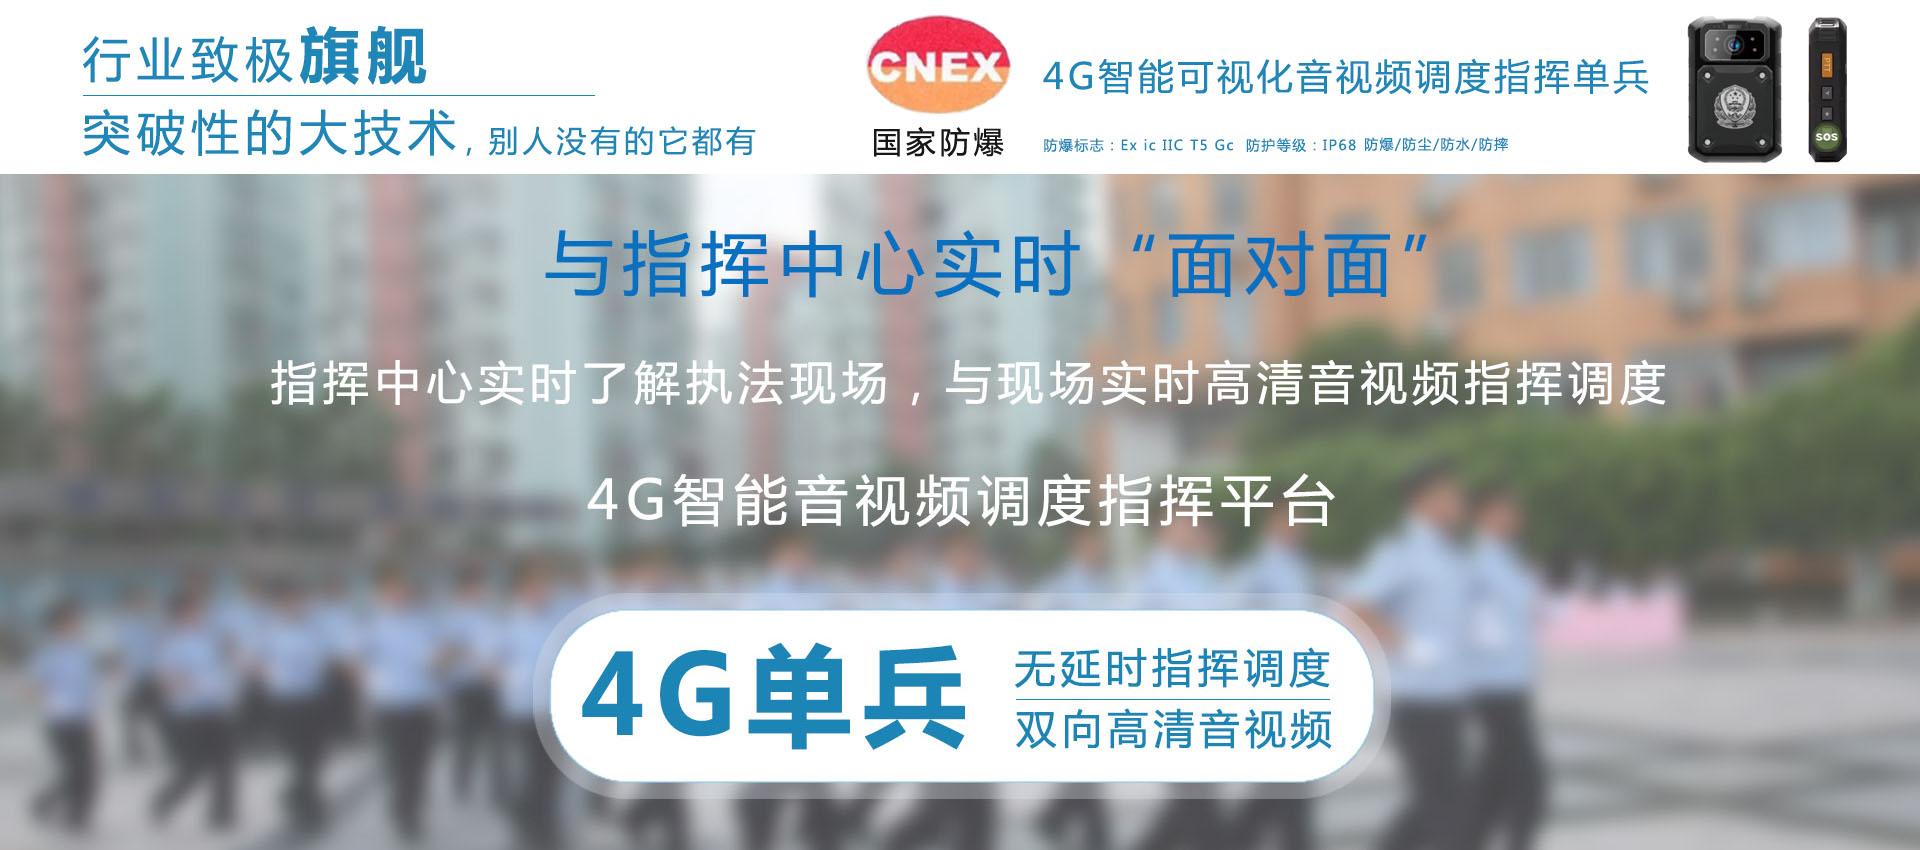 4G可视化指挥单兵.jpg